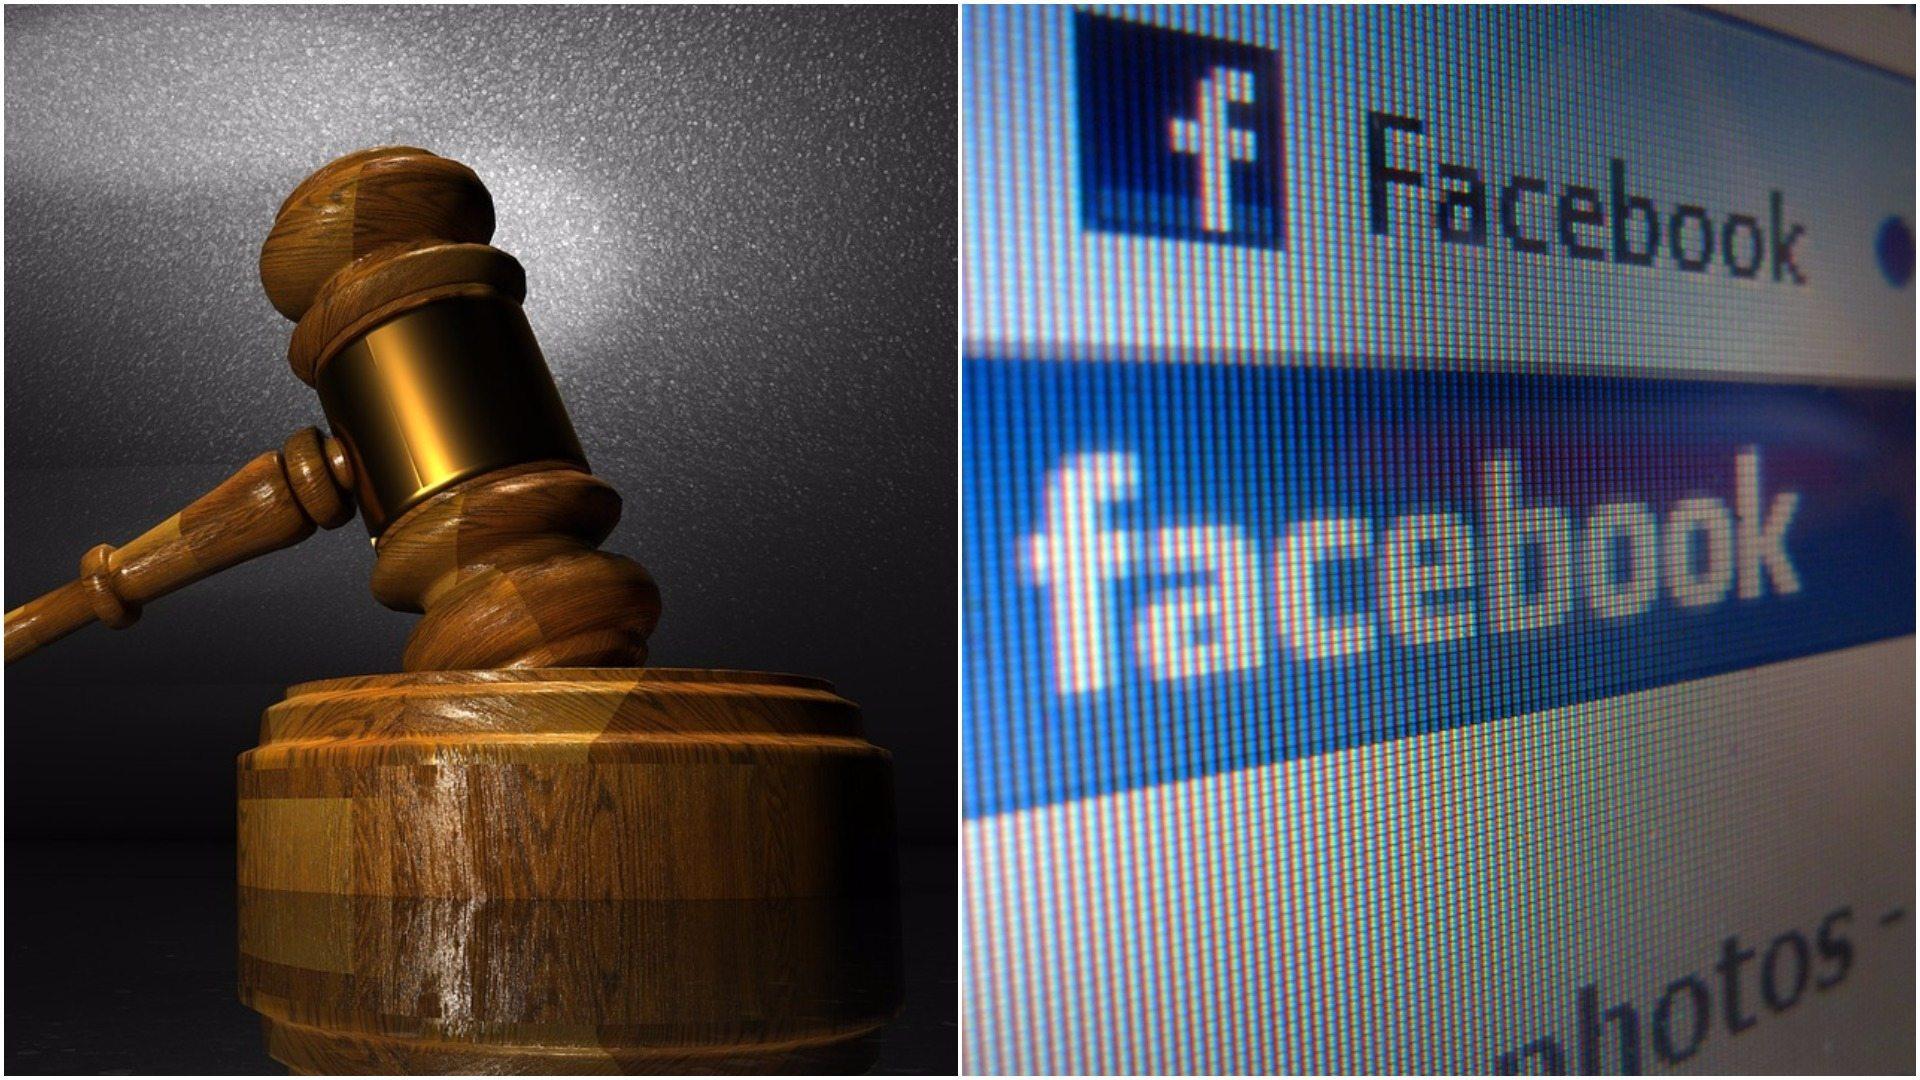 OFICJALNIE: Facebook stanie przed polskim sądem!